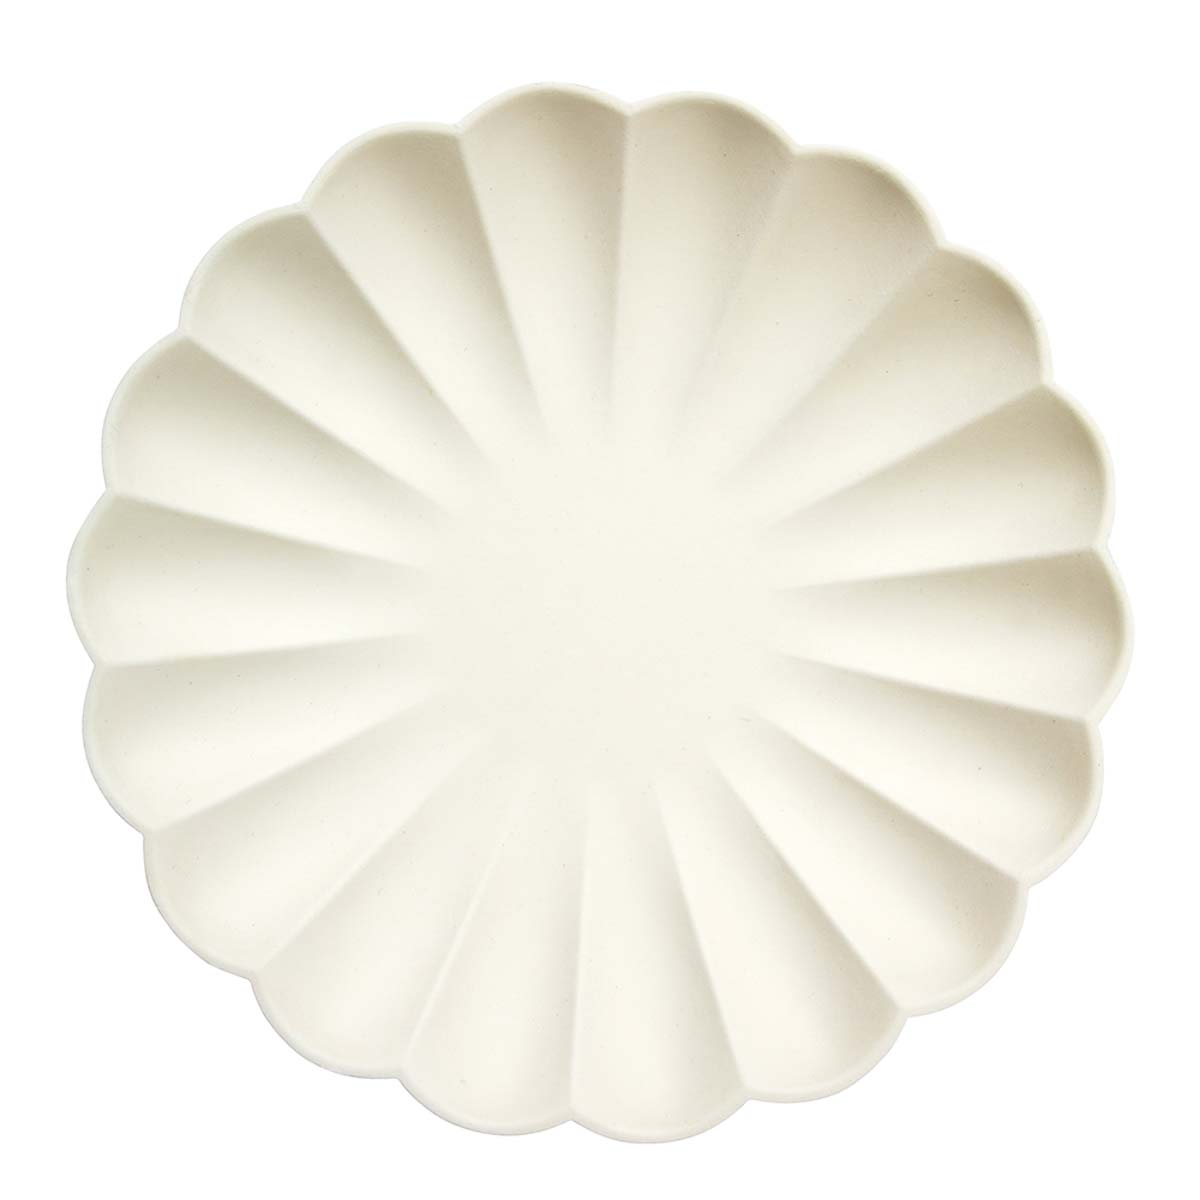 Piatti Cream Simply Eco Large 1